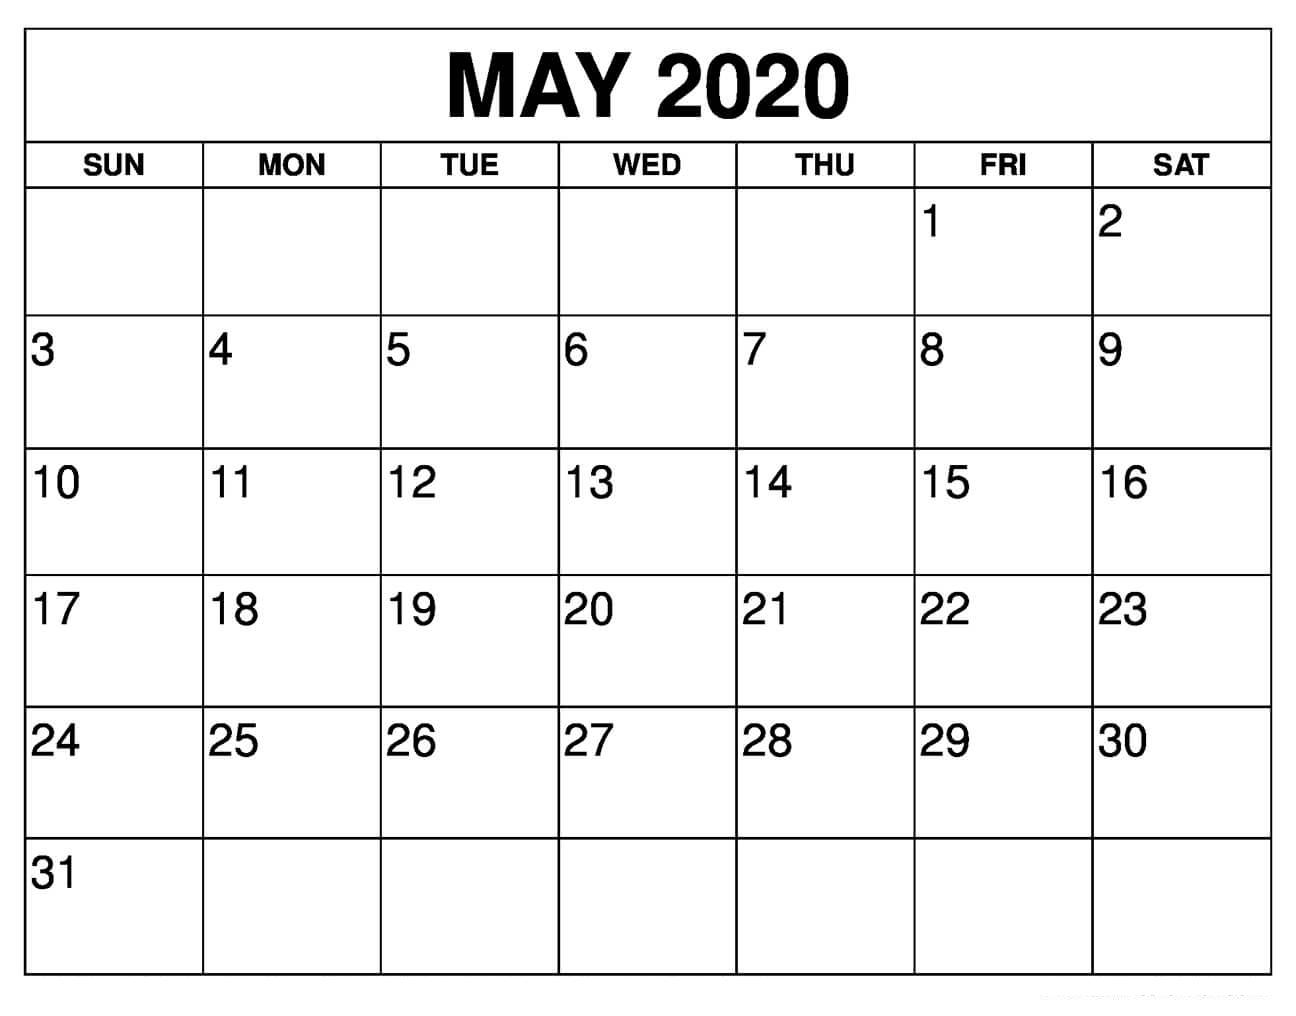 May 2020 Calendar Printable With Holidays Usa | 12 Month